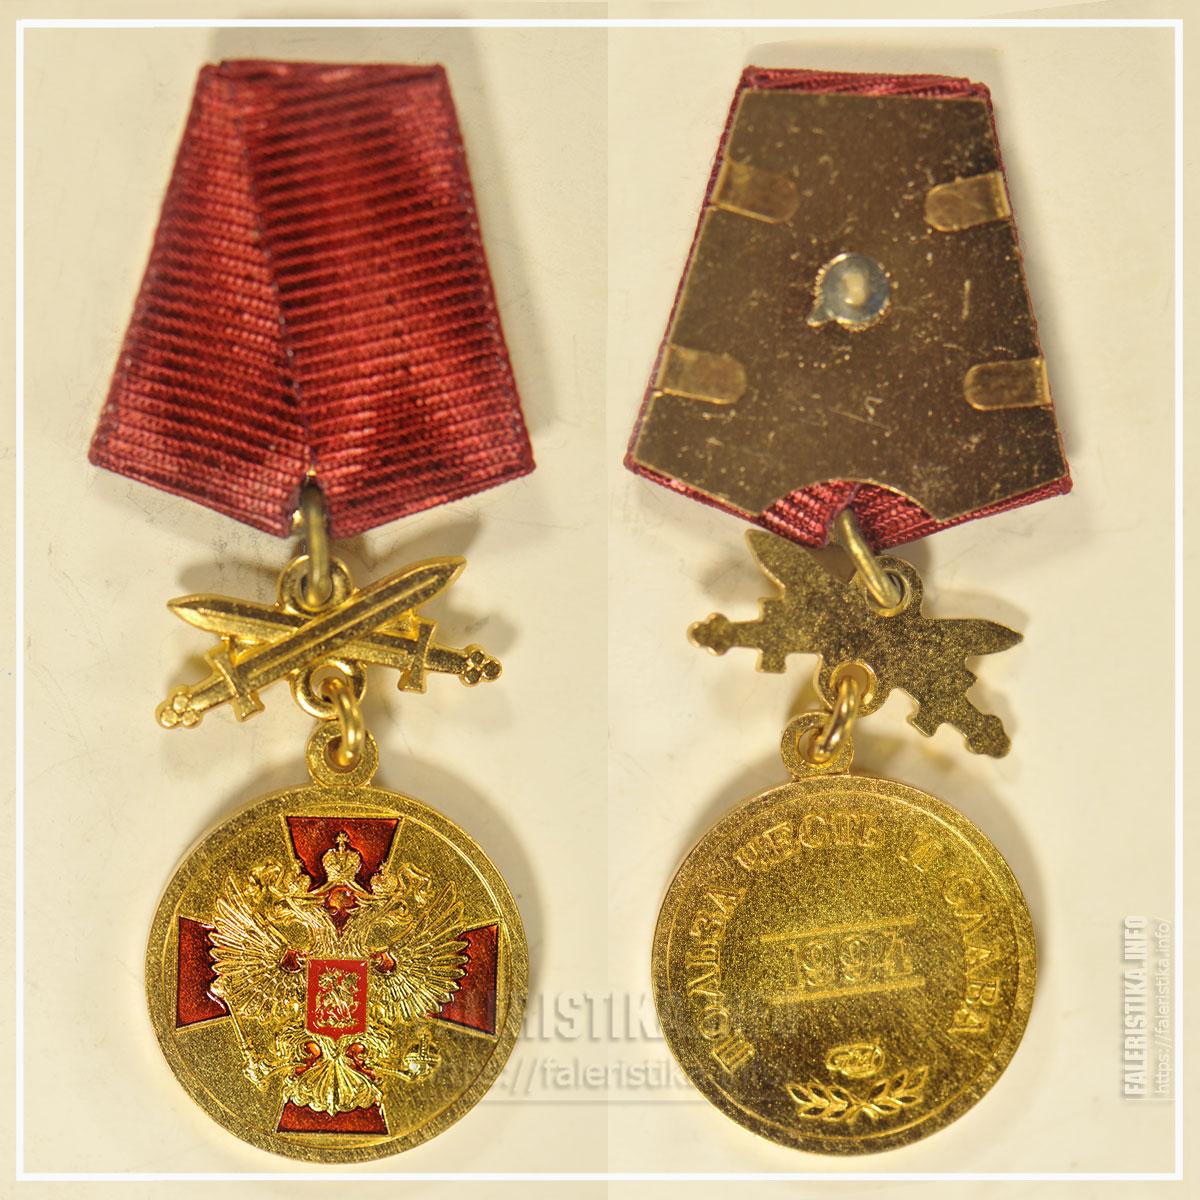 Медаль ордена «За заслуги перед Отечеством» I степени с мечами. Миниатюрная копия знака (фрачник). Санкт-Петербургский монетный двор